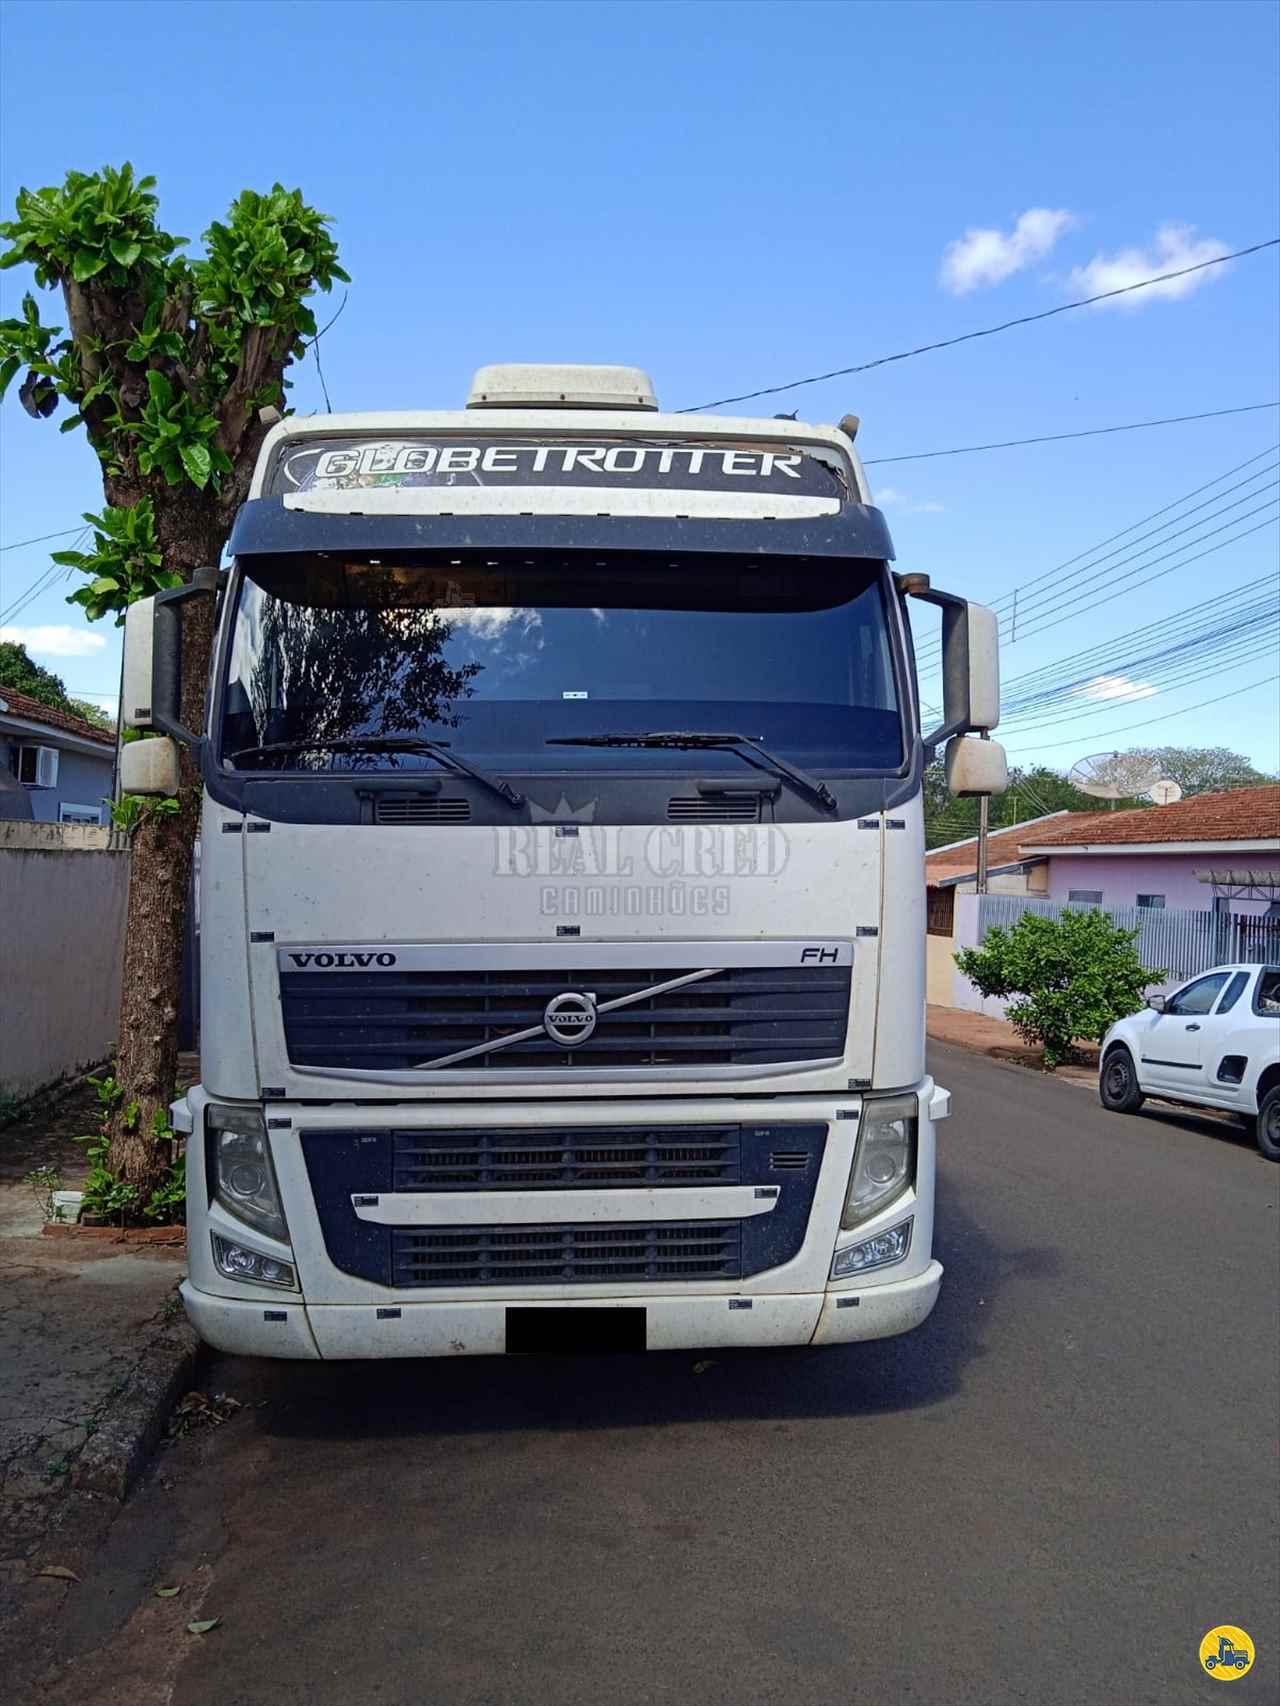 CAMINHAO VOLVO VOLVO FH 540 Cavalo Mecânico Traçado 6x4 Real Cred Caminhões PIEDADE SÃO PAULO SP